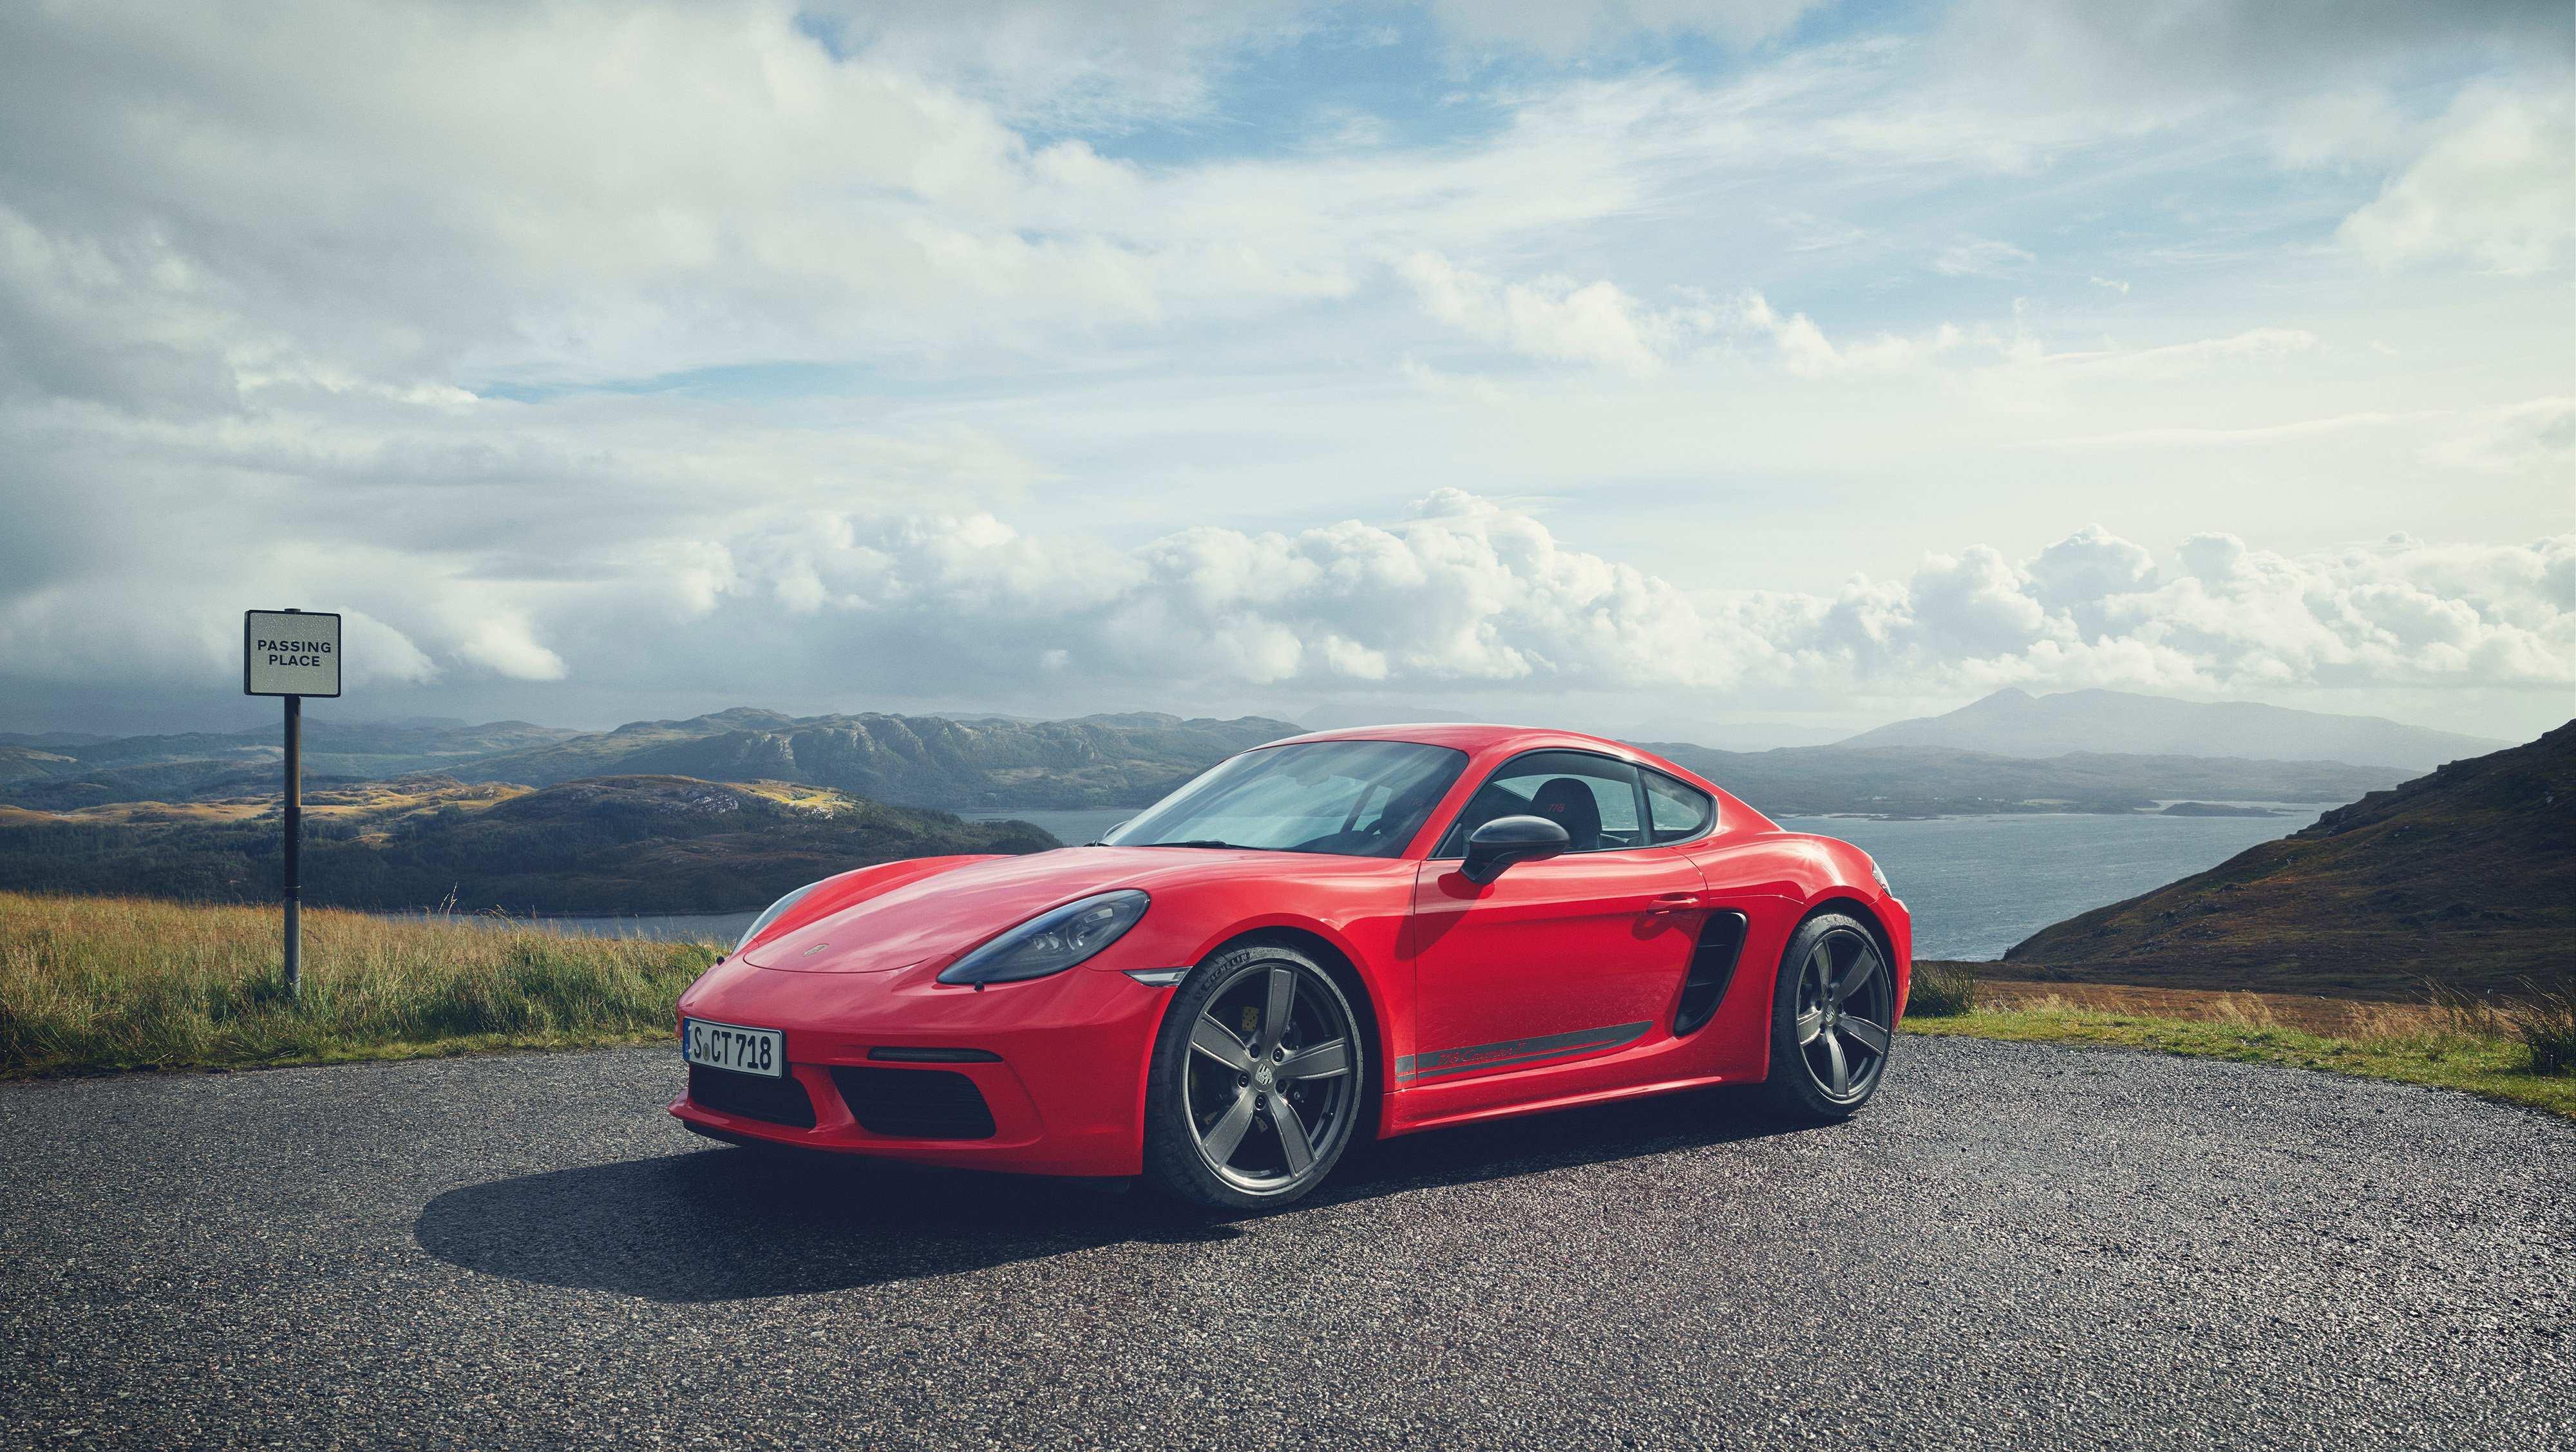 20 Best Review 2020 Porsche 718 Style with 2020 Porsche 718